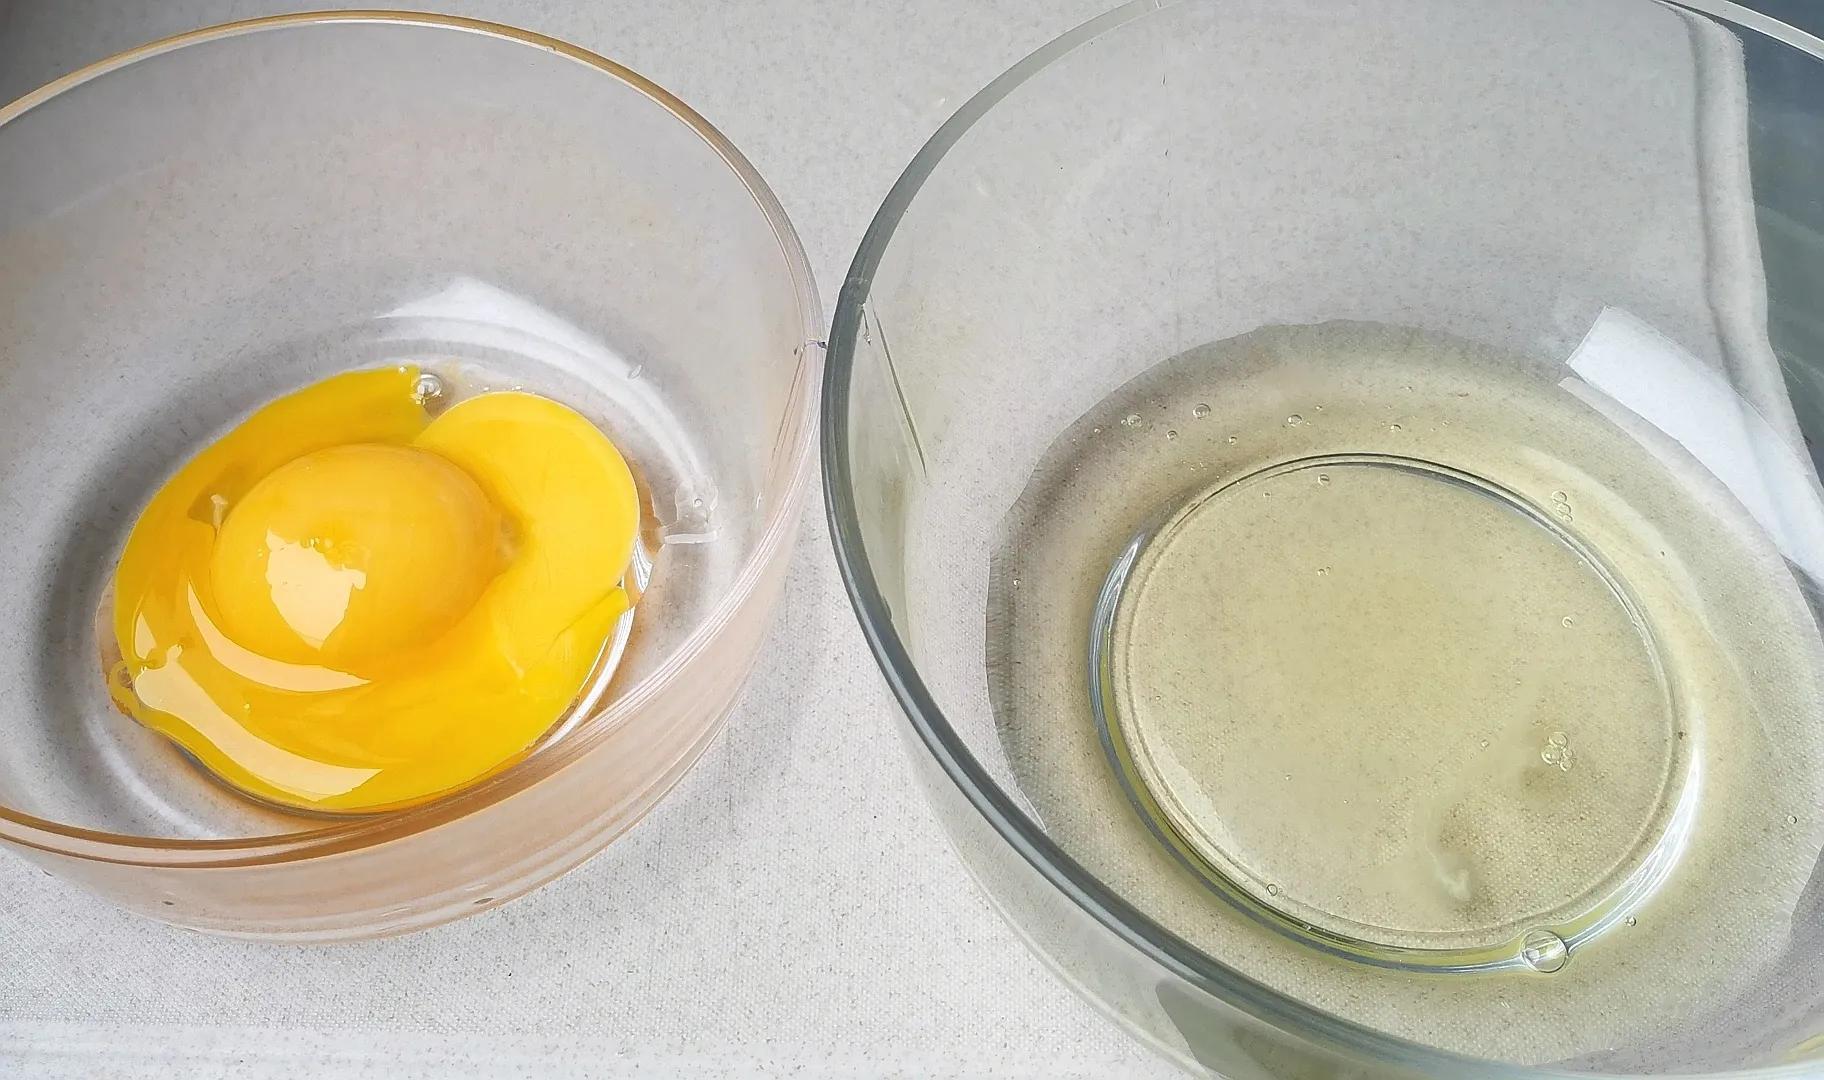 原来糯米粉也能做蛋糕,像棉花一样柔软,比戚风蛋糕好吃多了 美食做法 第3张